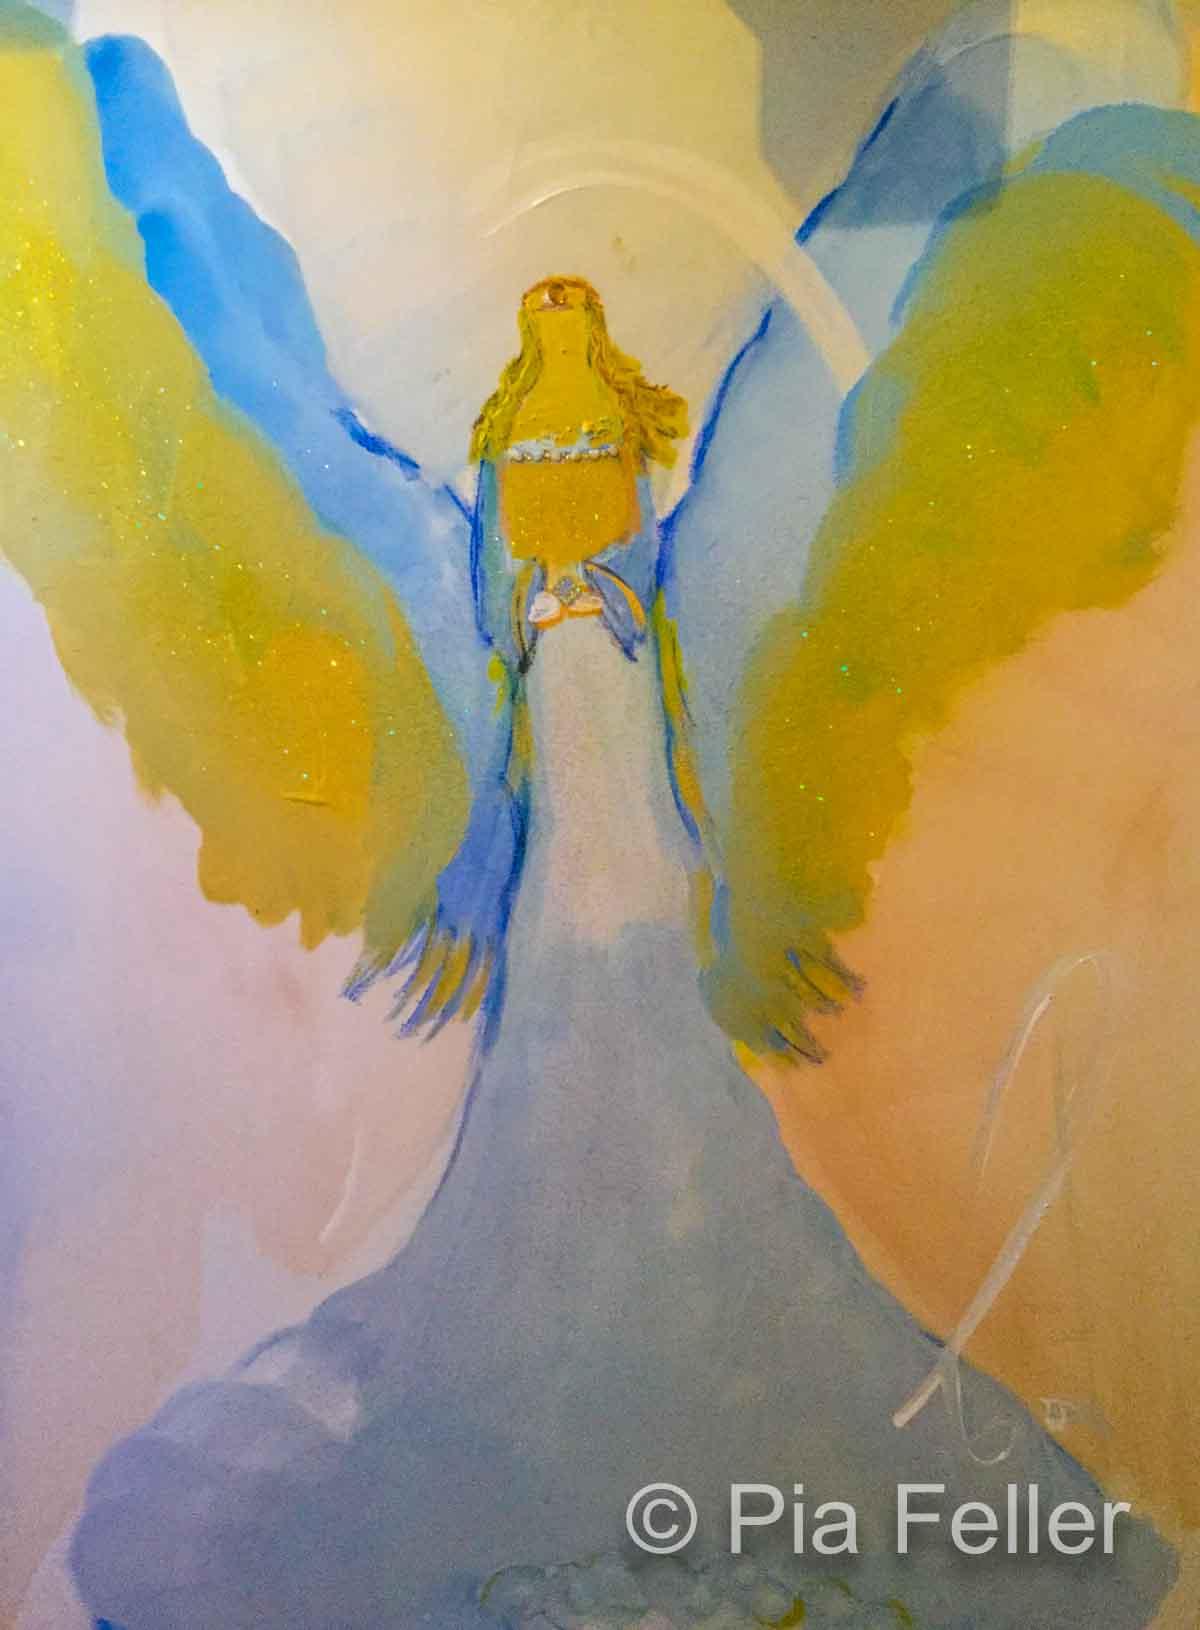 engel-selber-gemalt-4